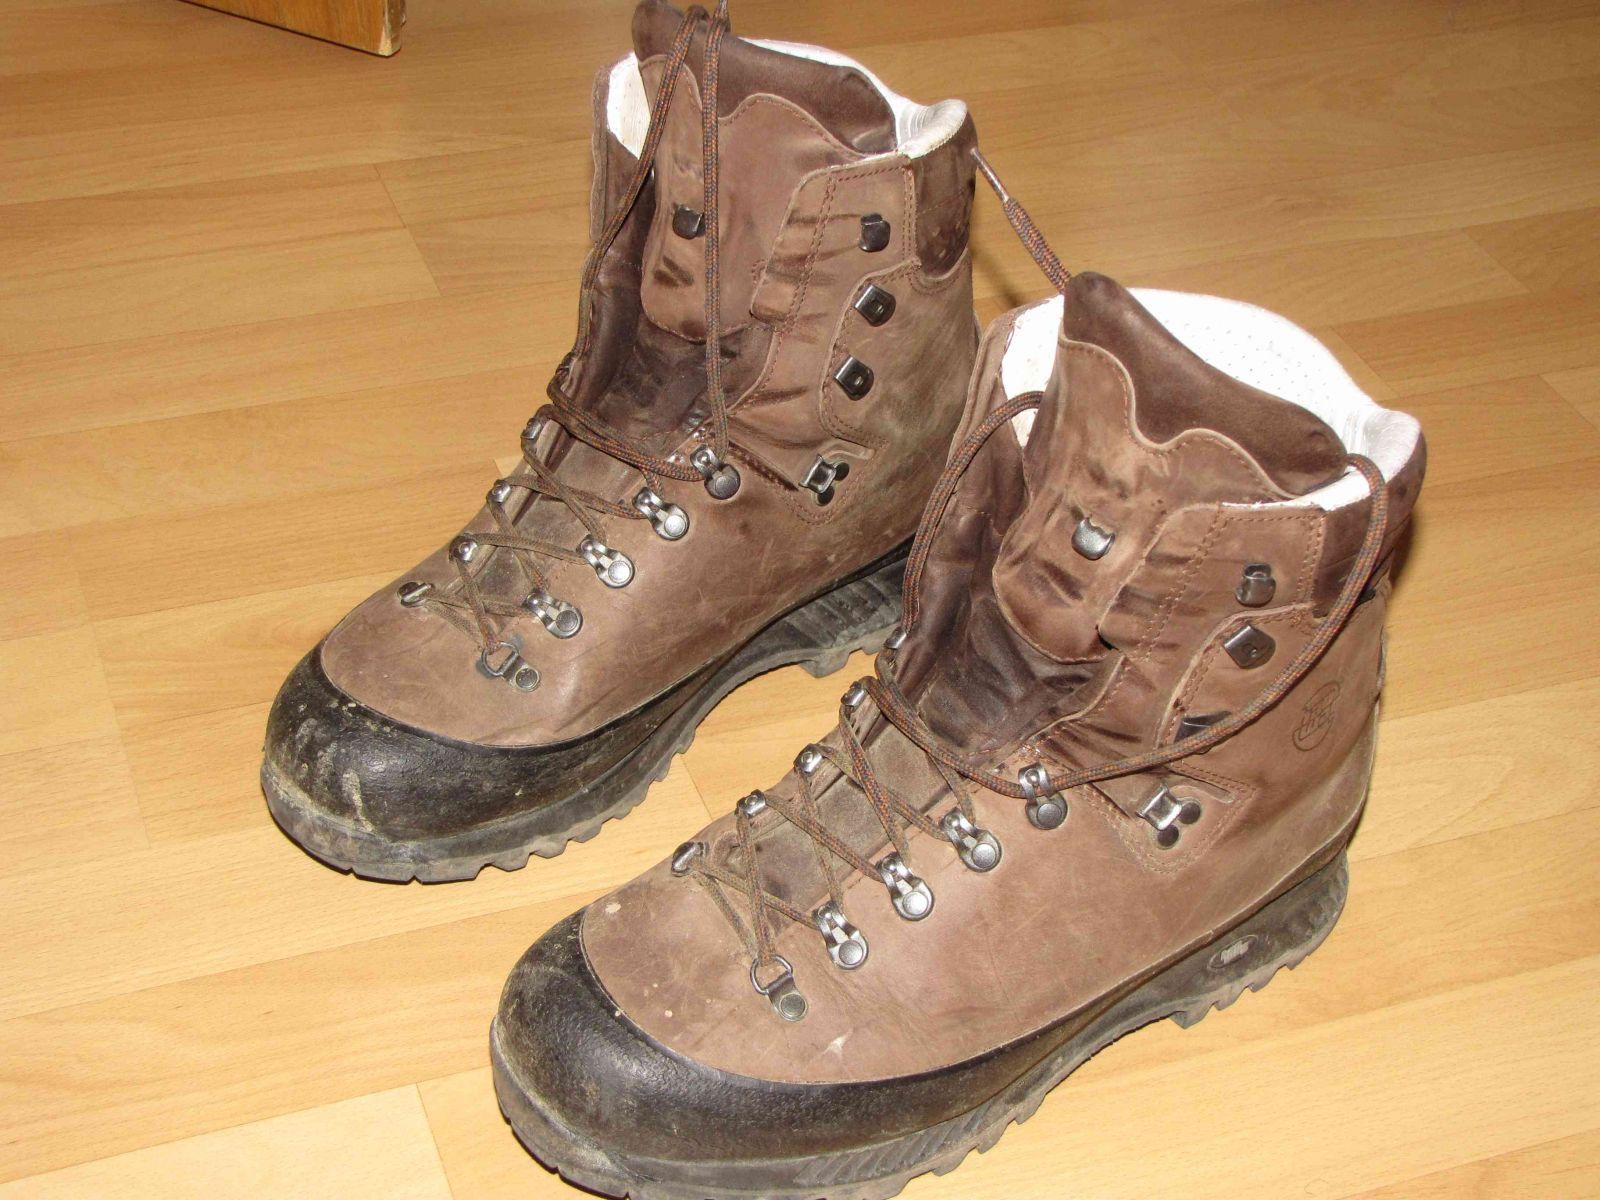 4a69961a72d9 Recenzovaný produkt nájdeš na tejto adrese   https   www.adamsport.eu panska-vysoka-turisticka-obuv hanwag-alaska-gtx